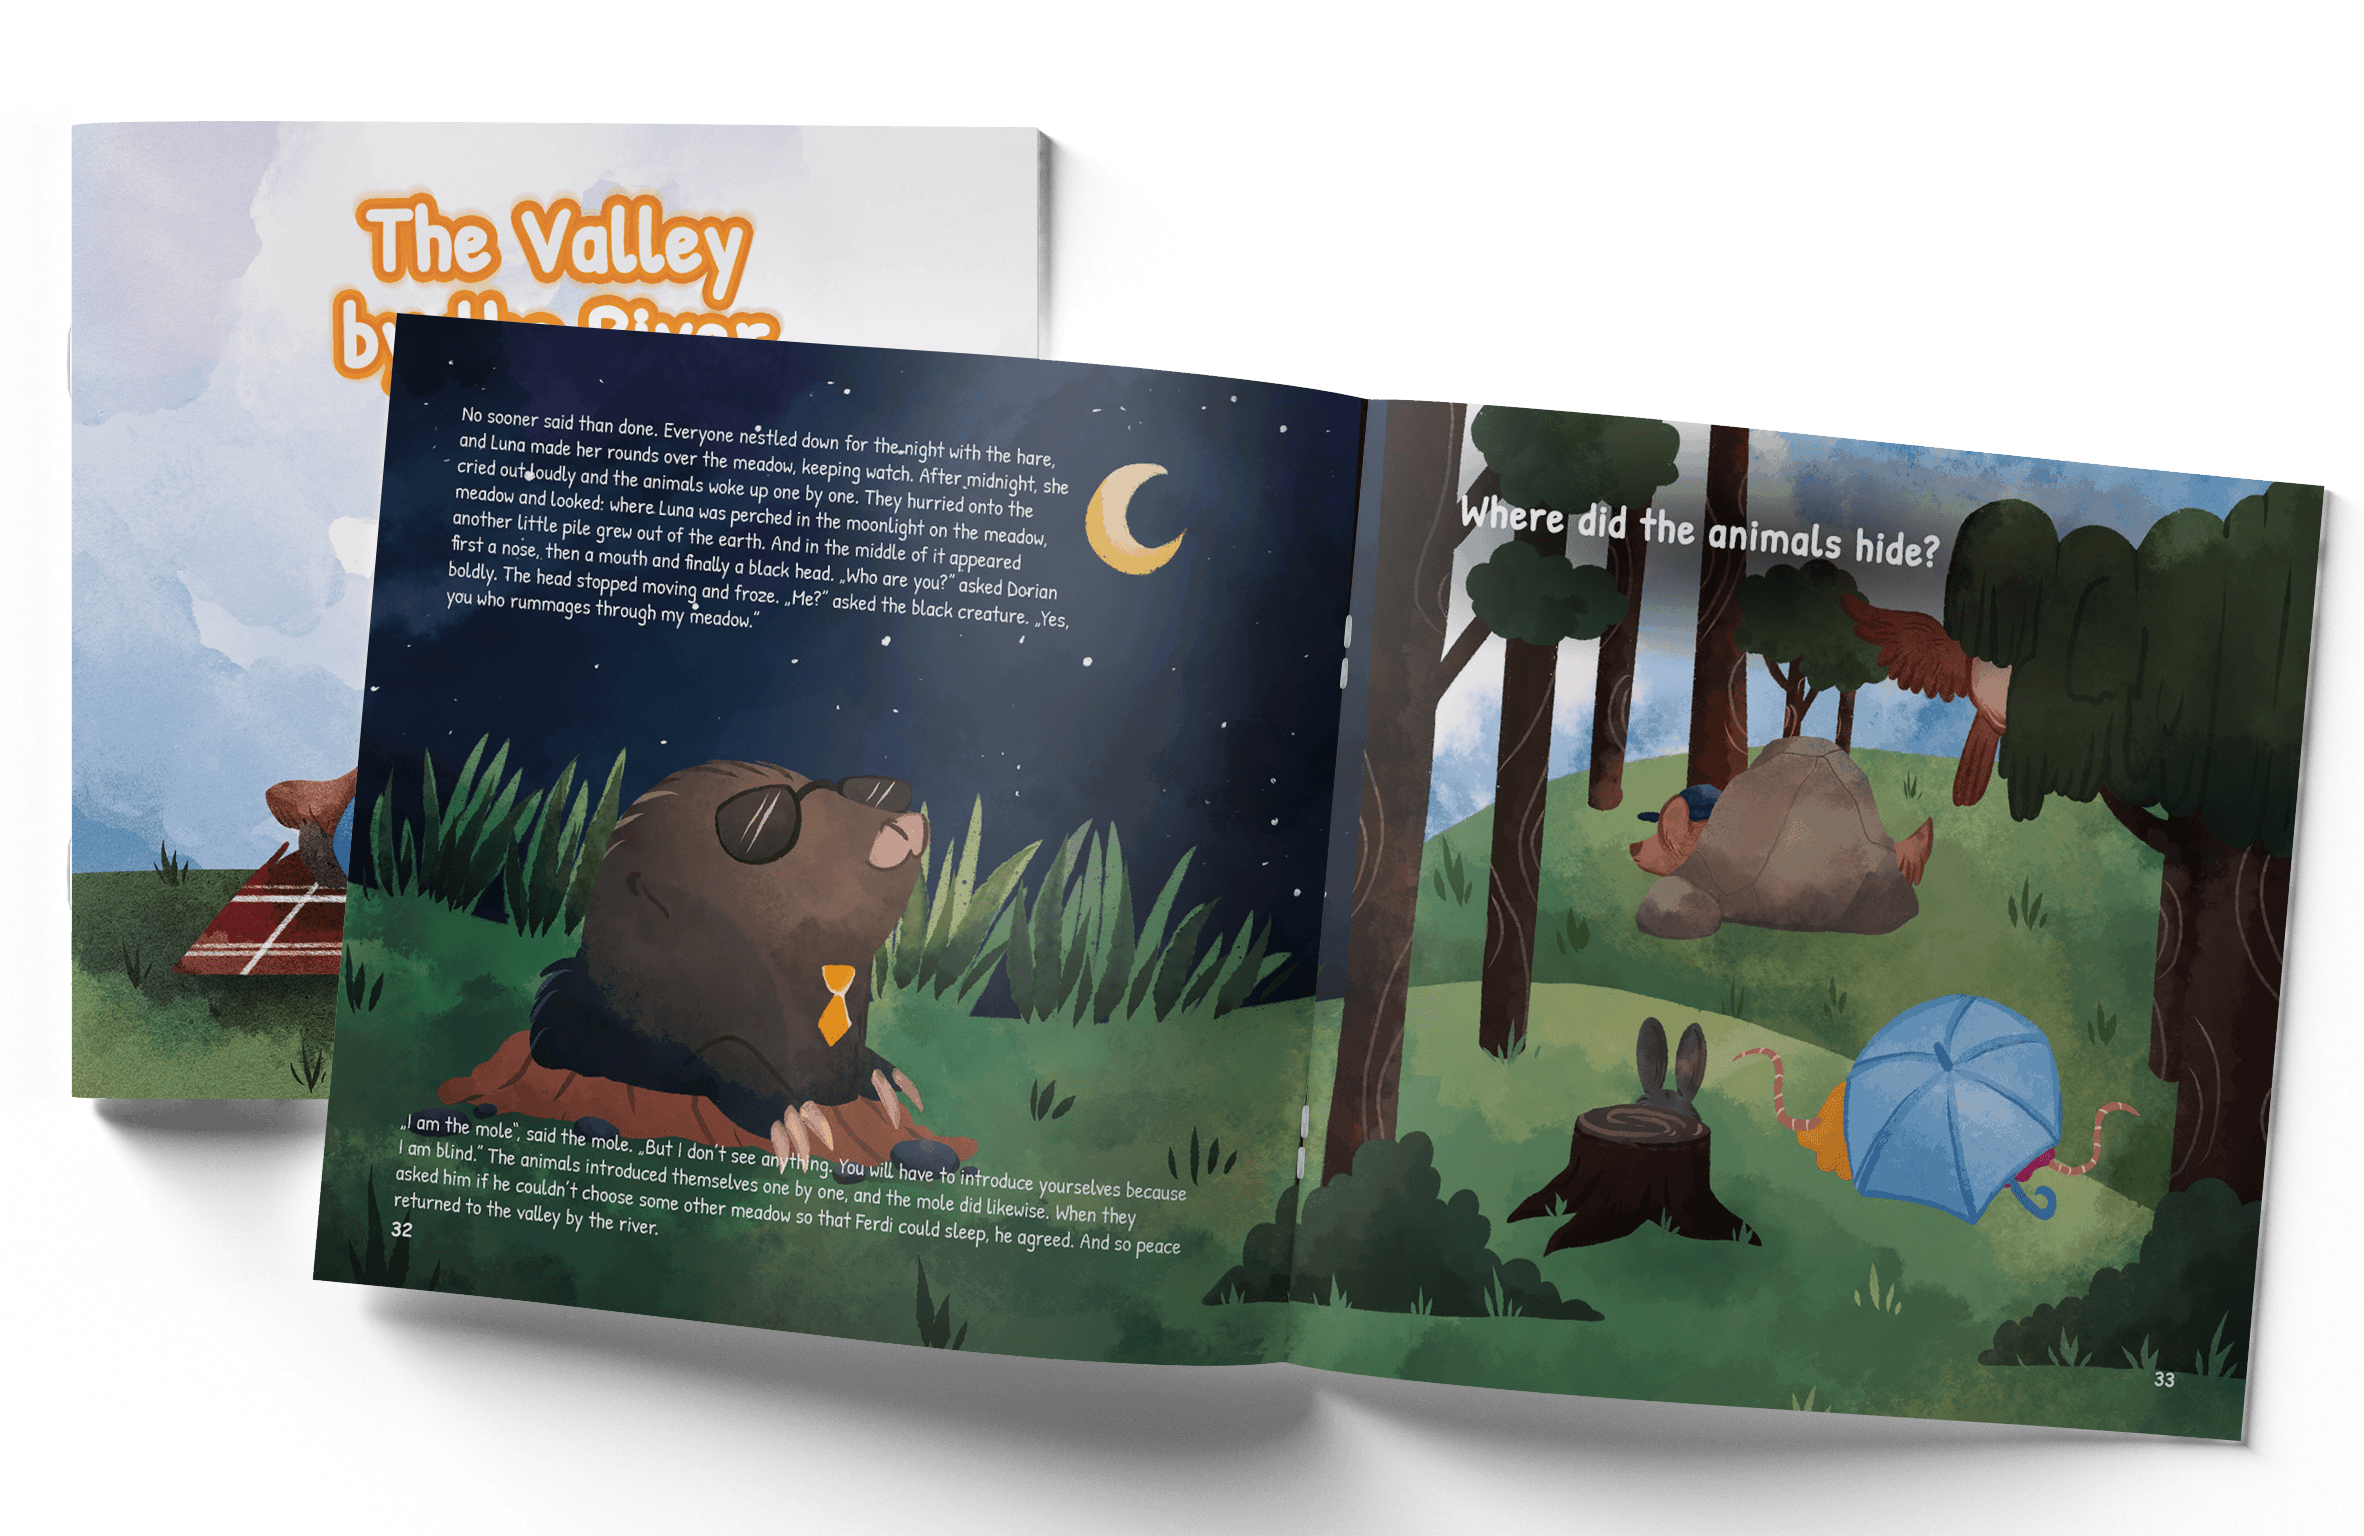 El valle junto al río - Nuevo libro infantil